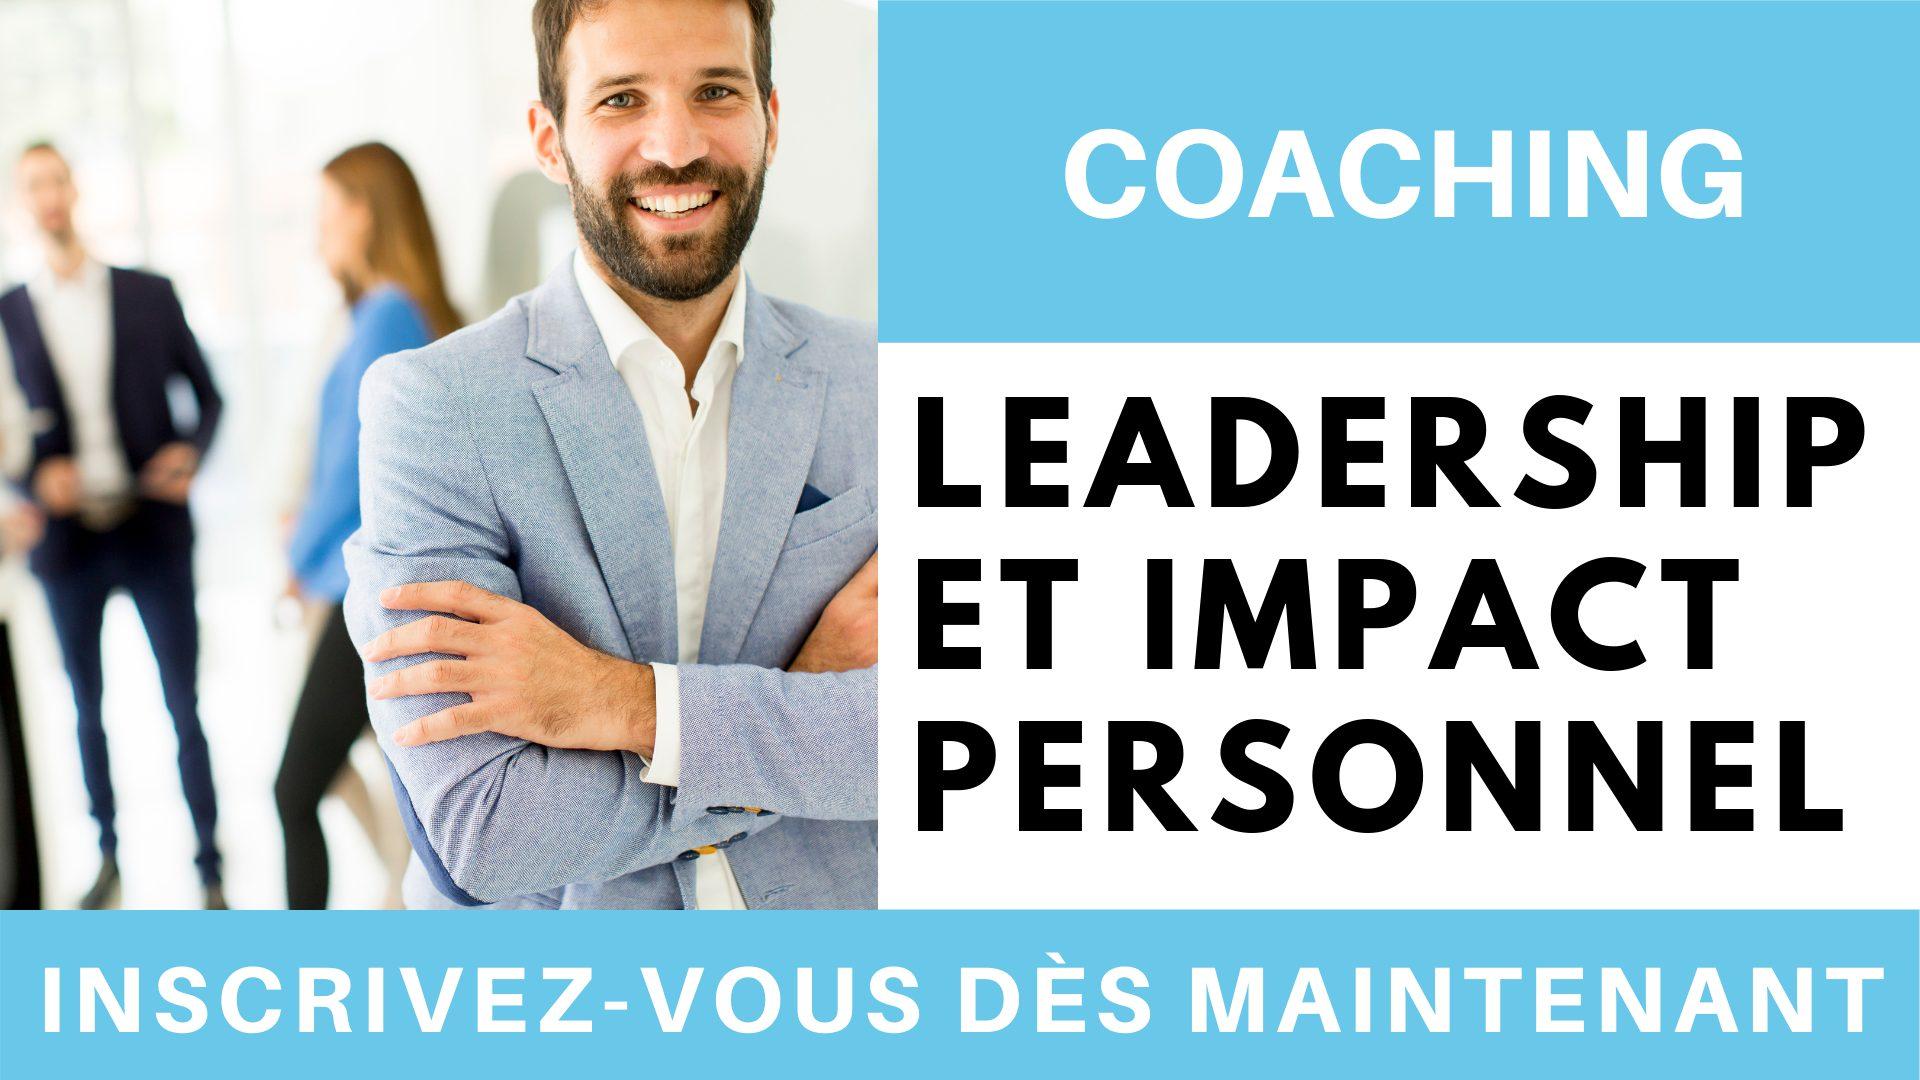 Coaching leadership et impact personnel